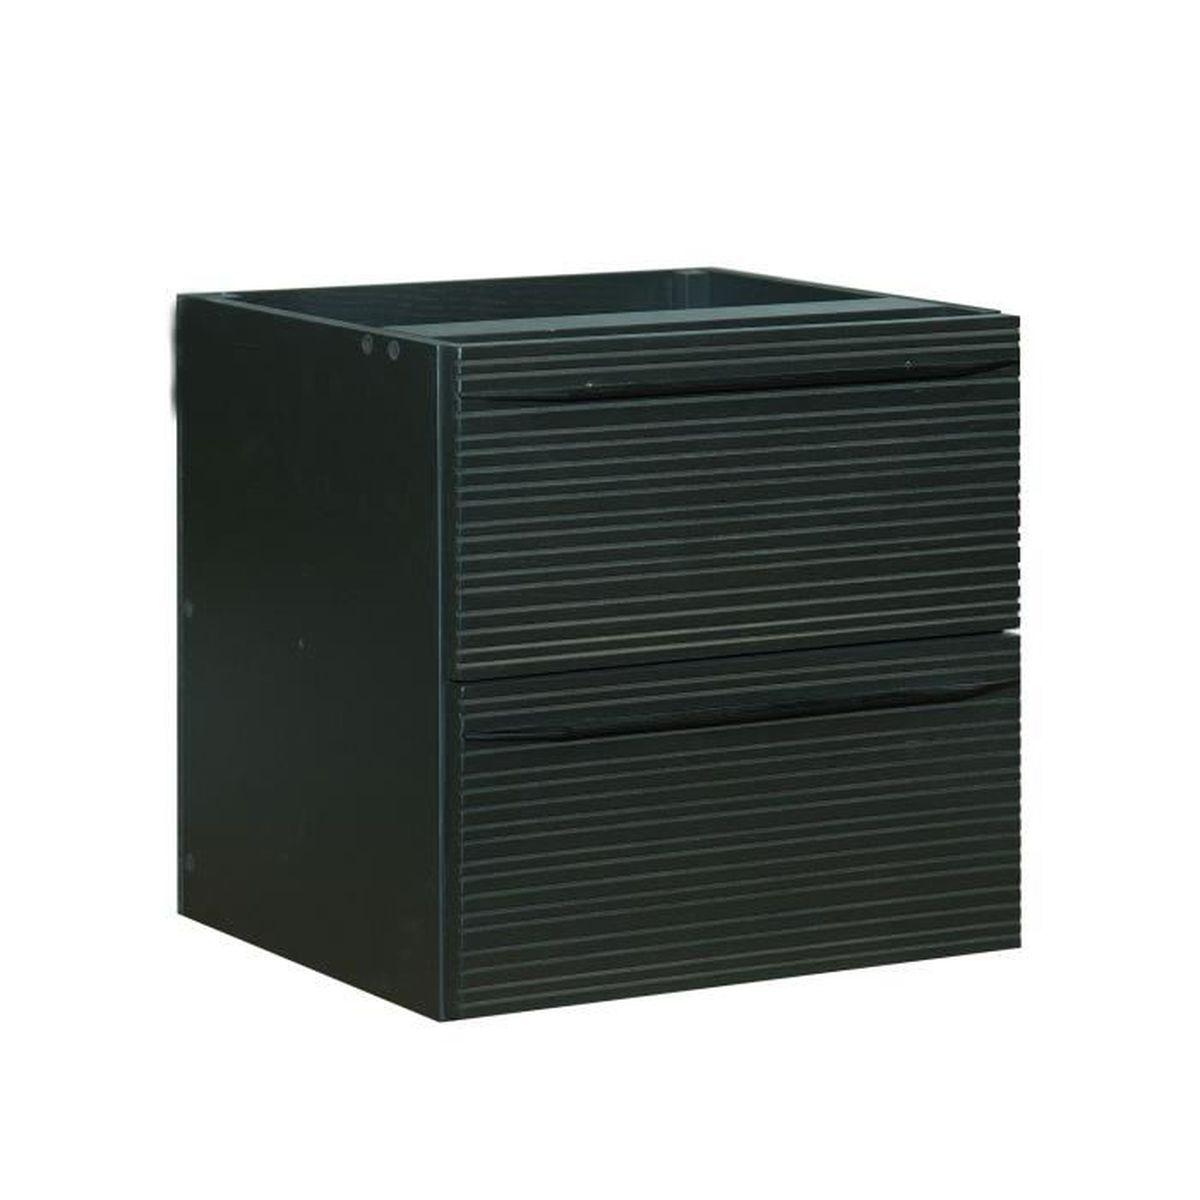 Fine meuble bloc de 2 tiroirs stri s format carr noir - Meuble rangement carre ...